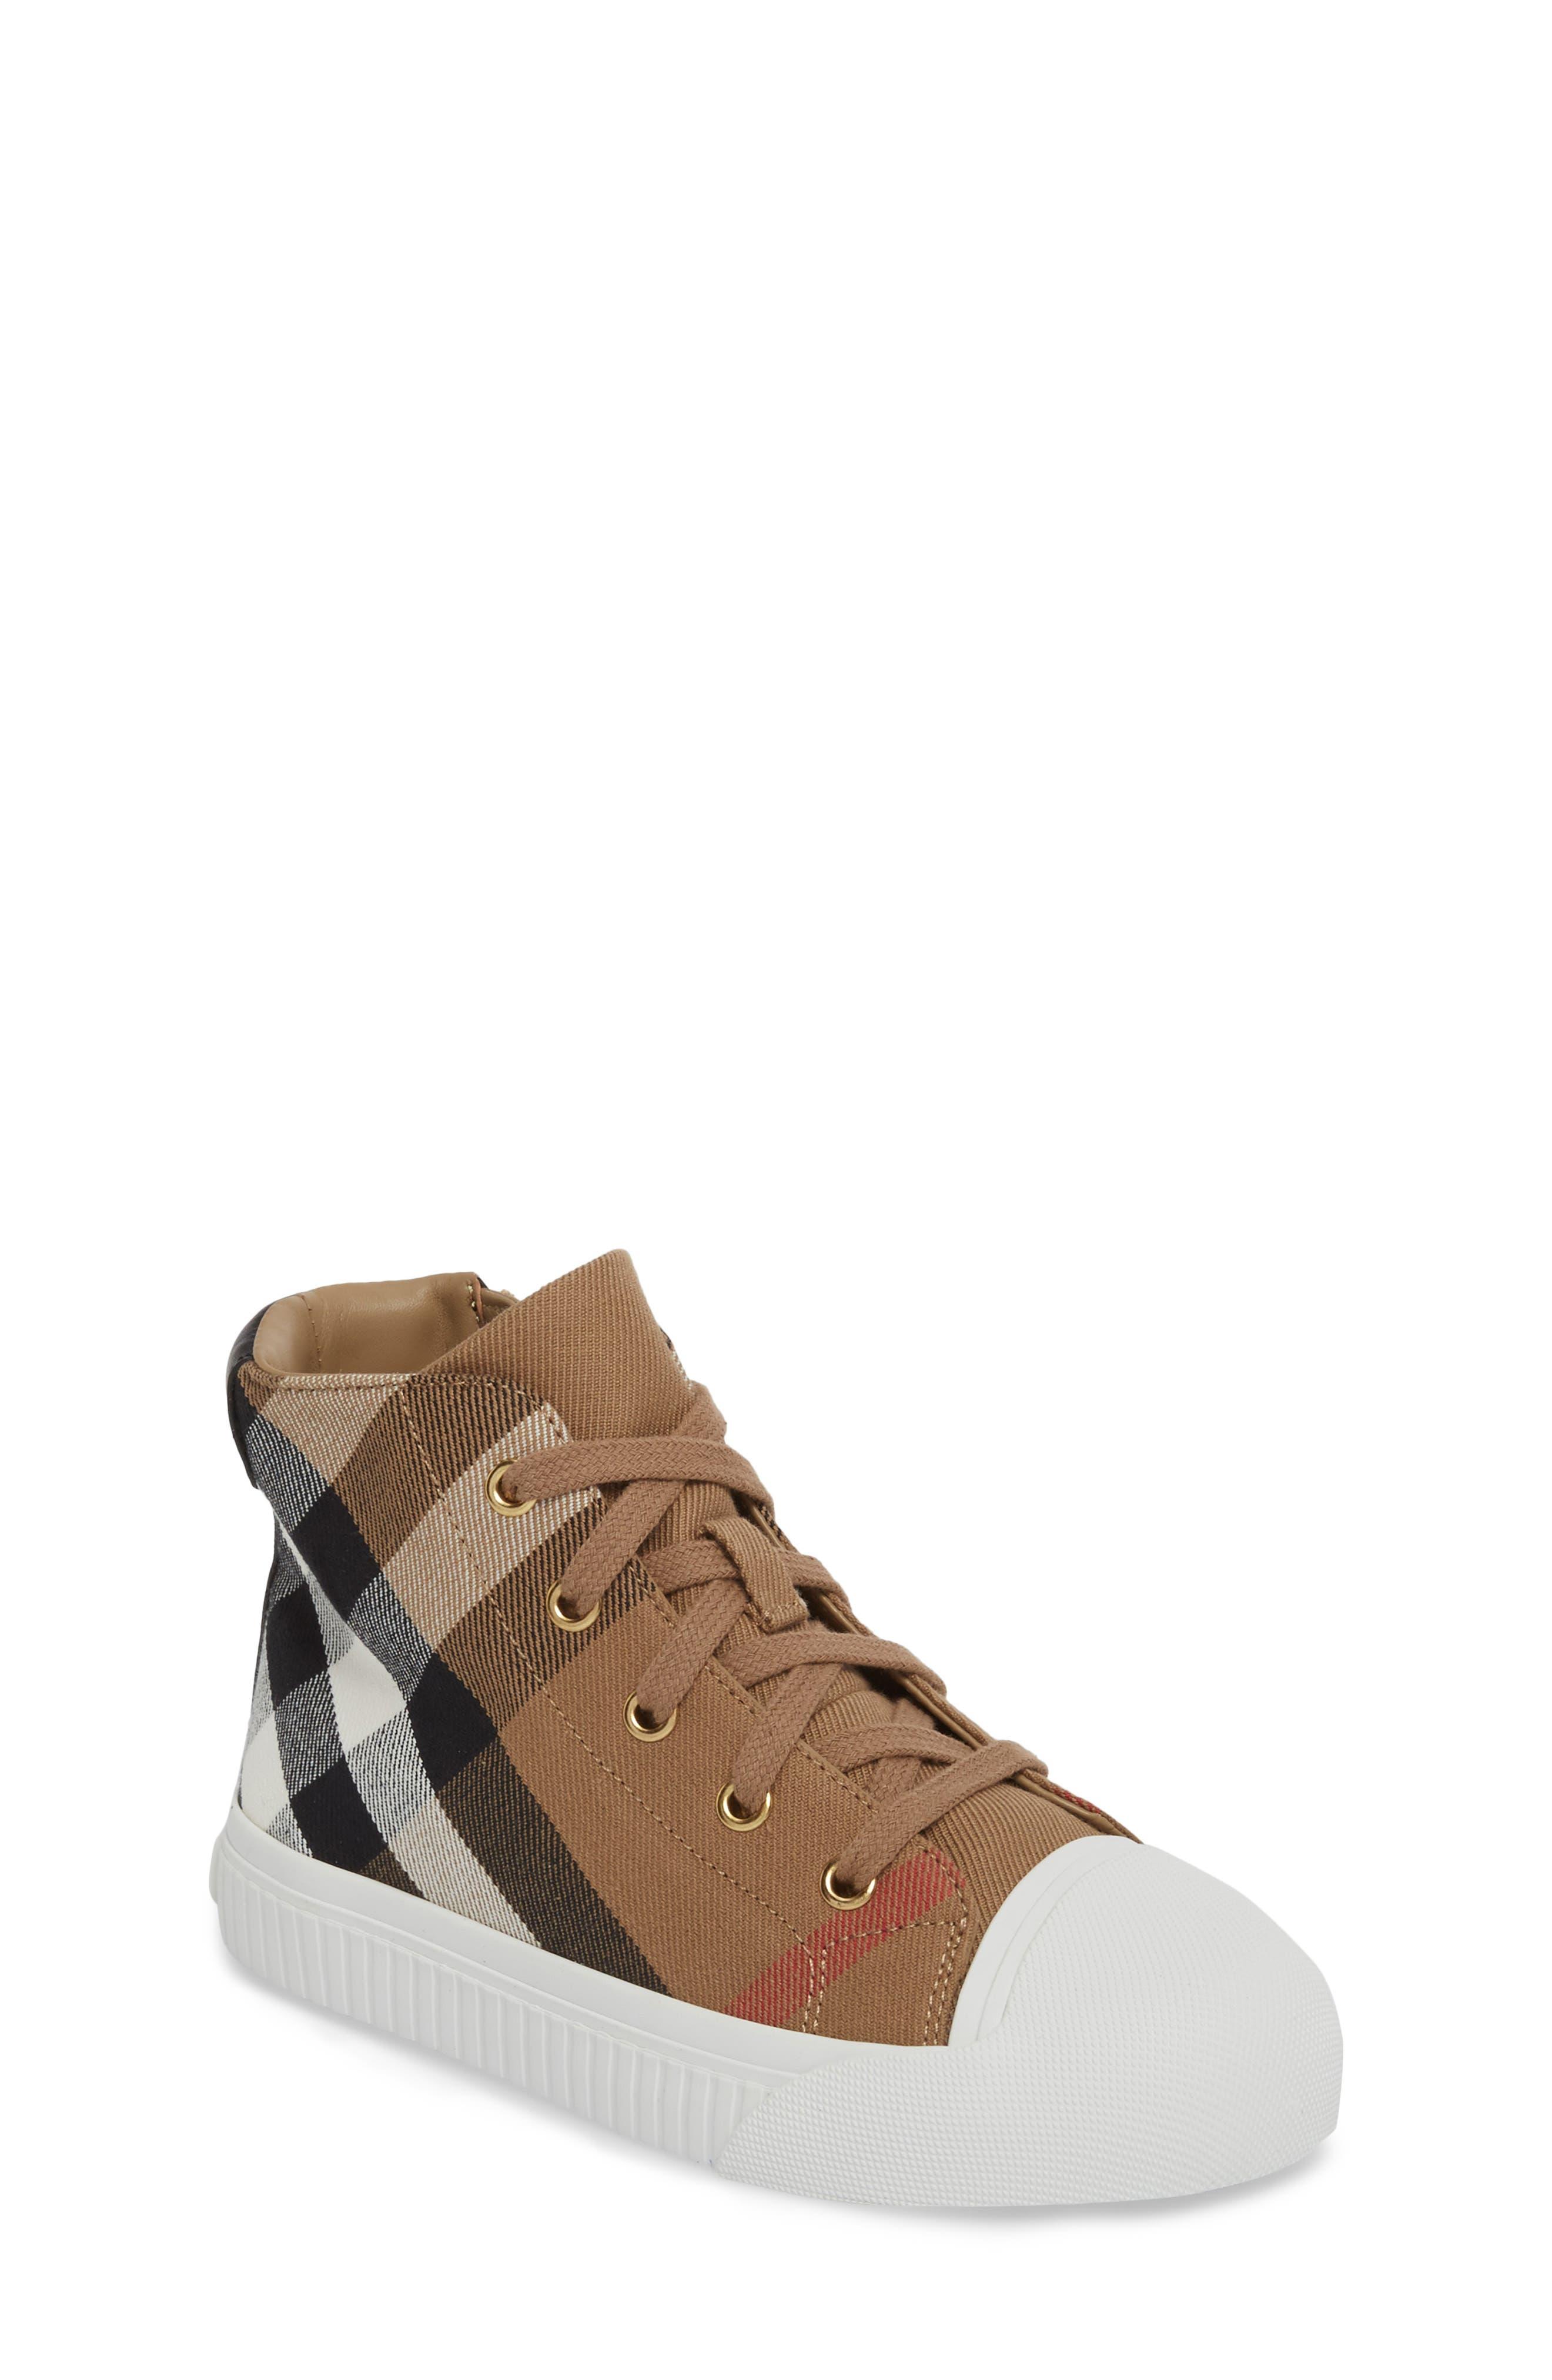 Belford High Top Sneaker,                         Main,                         color, 300